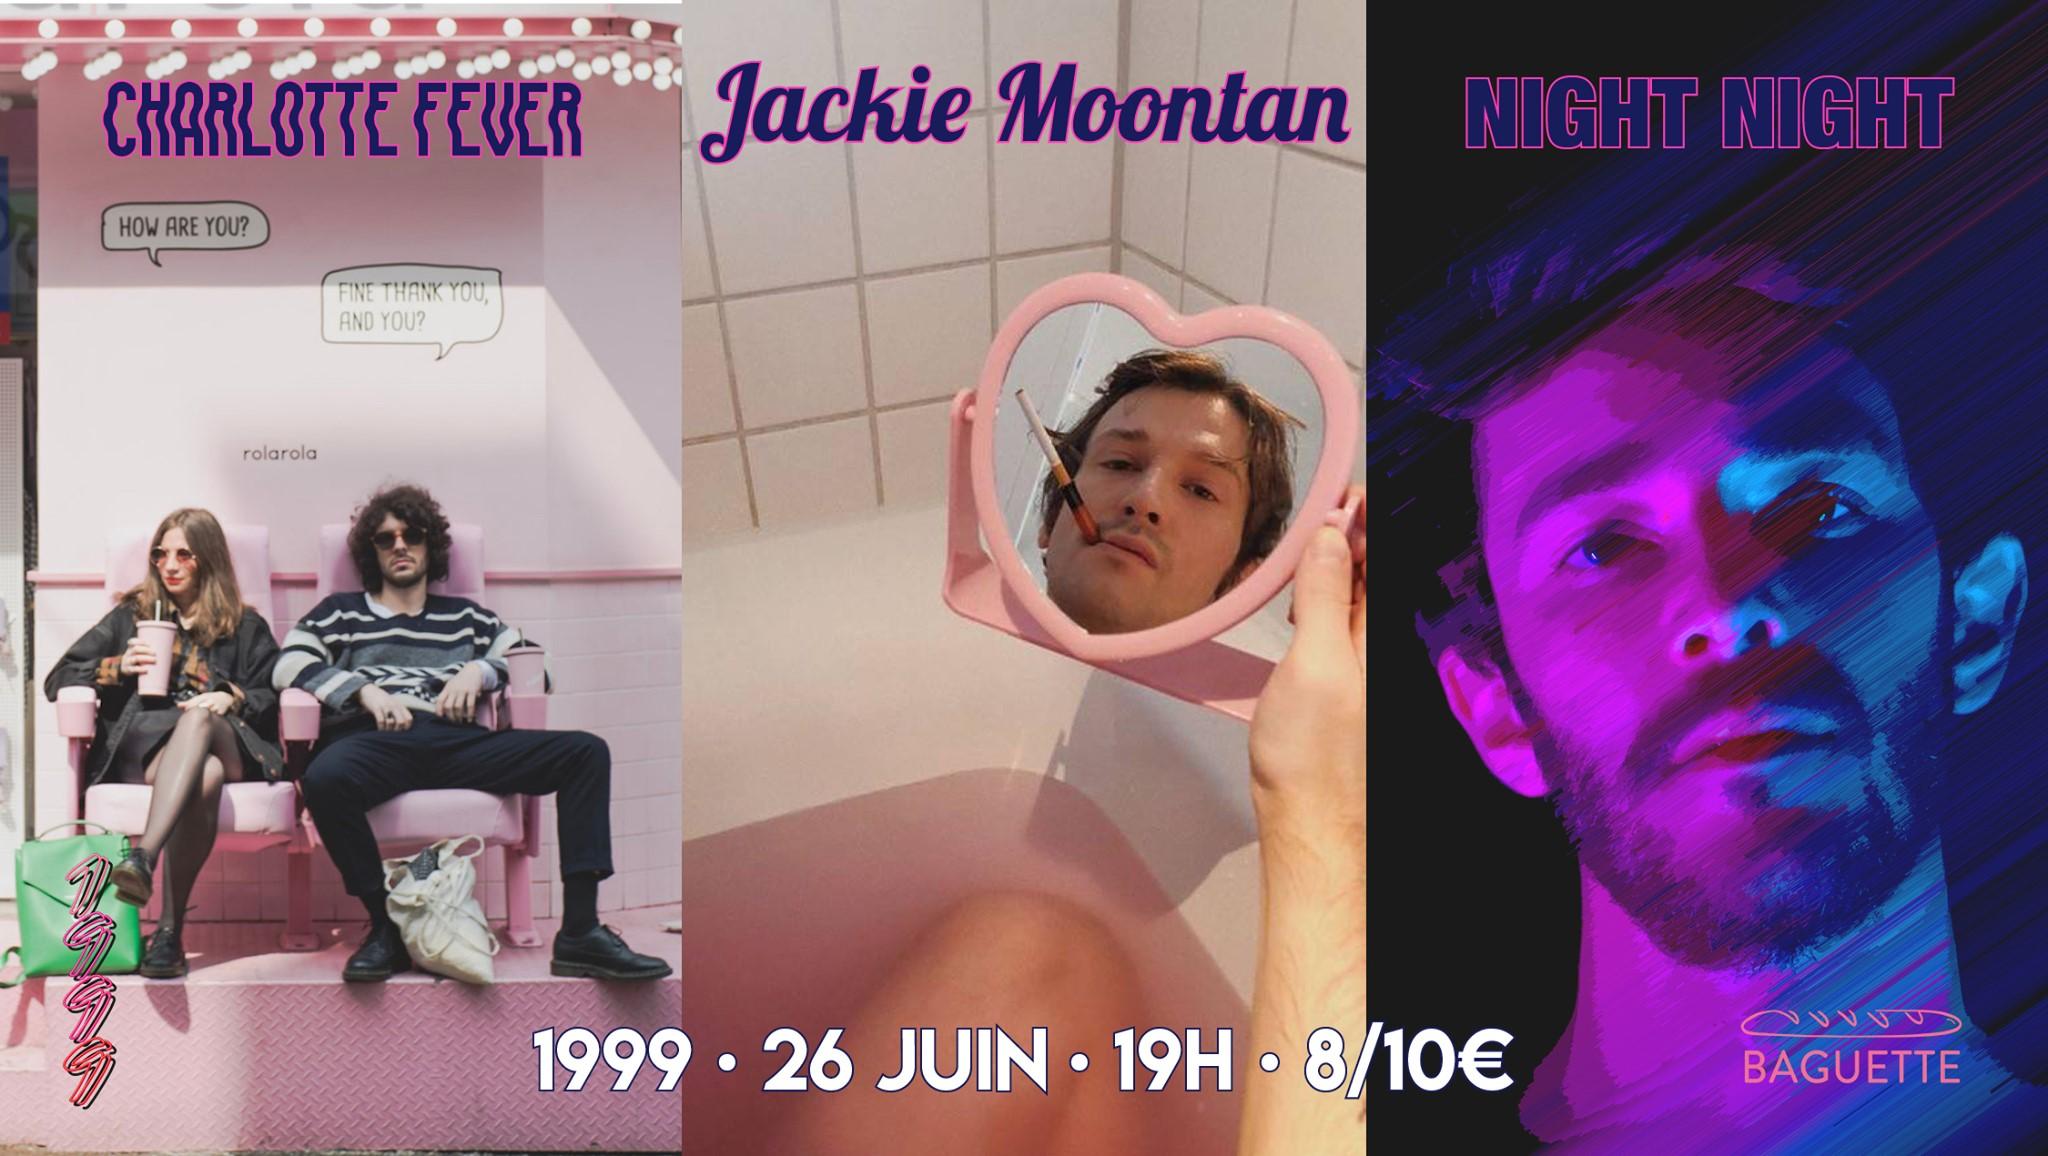 26/06 - 1999 / Paris